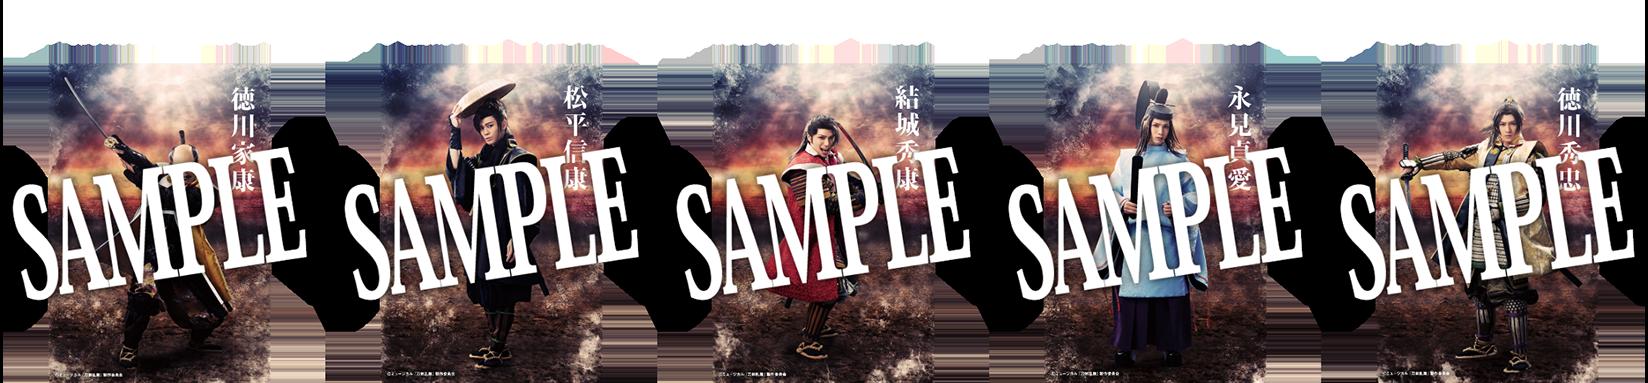 【葵咲本紀】ブロマイド 歴史上人物5枚セット×1種